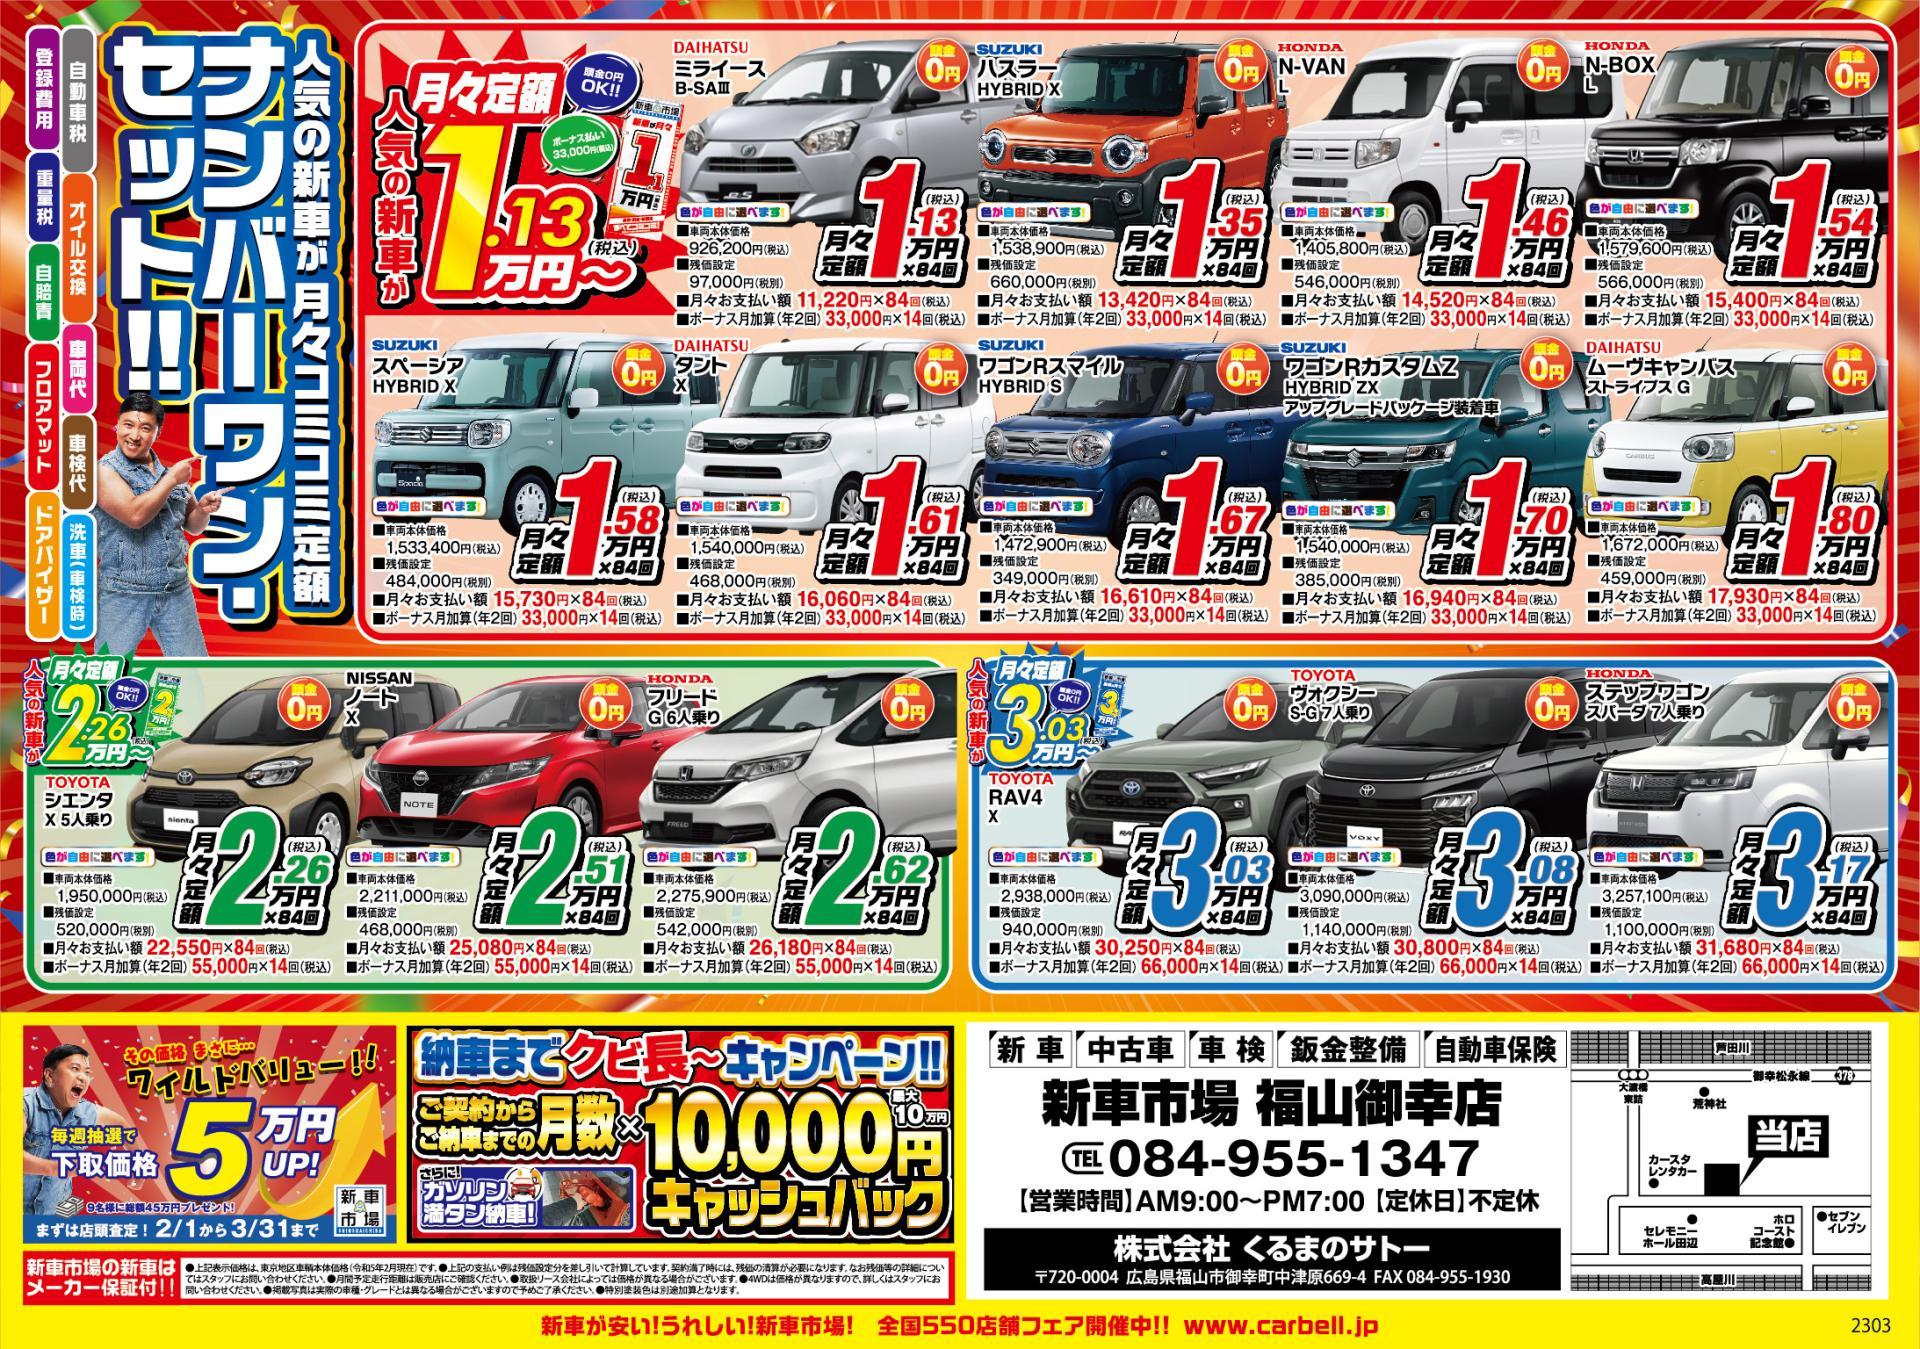 株式会社くるまのサトー 新車市場 福山御幸店